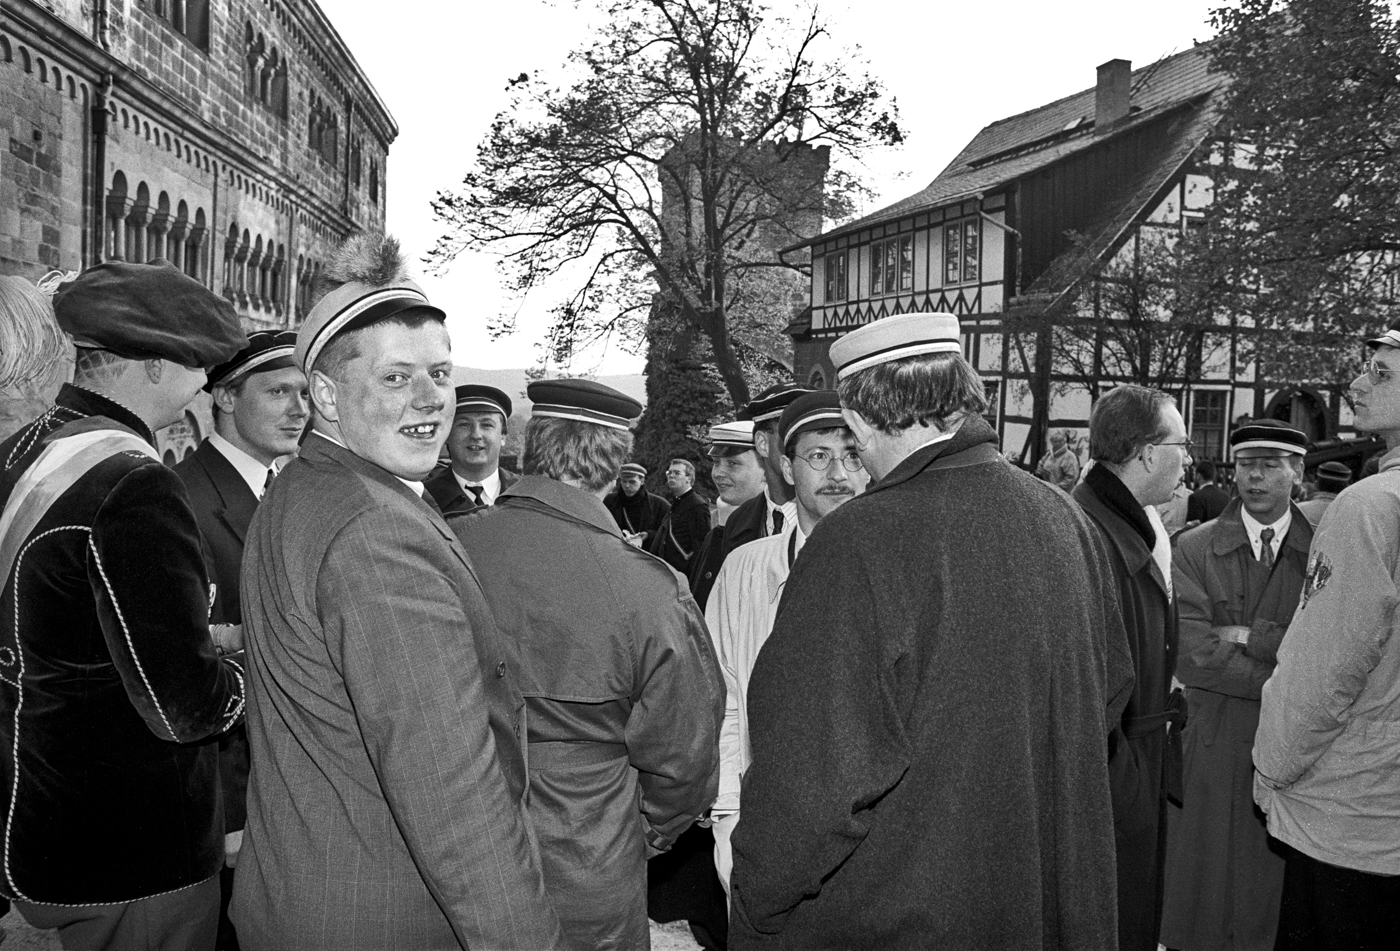 175-tes Wartburgfest, Eisenach